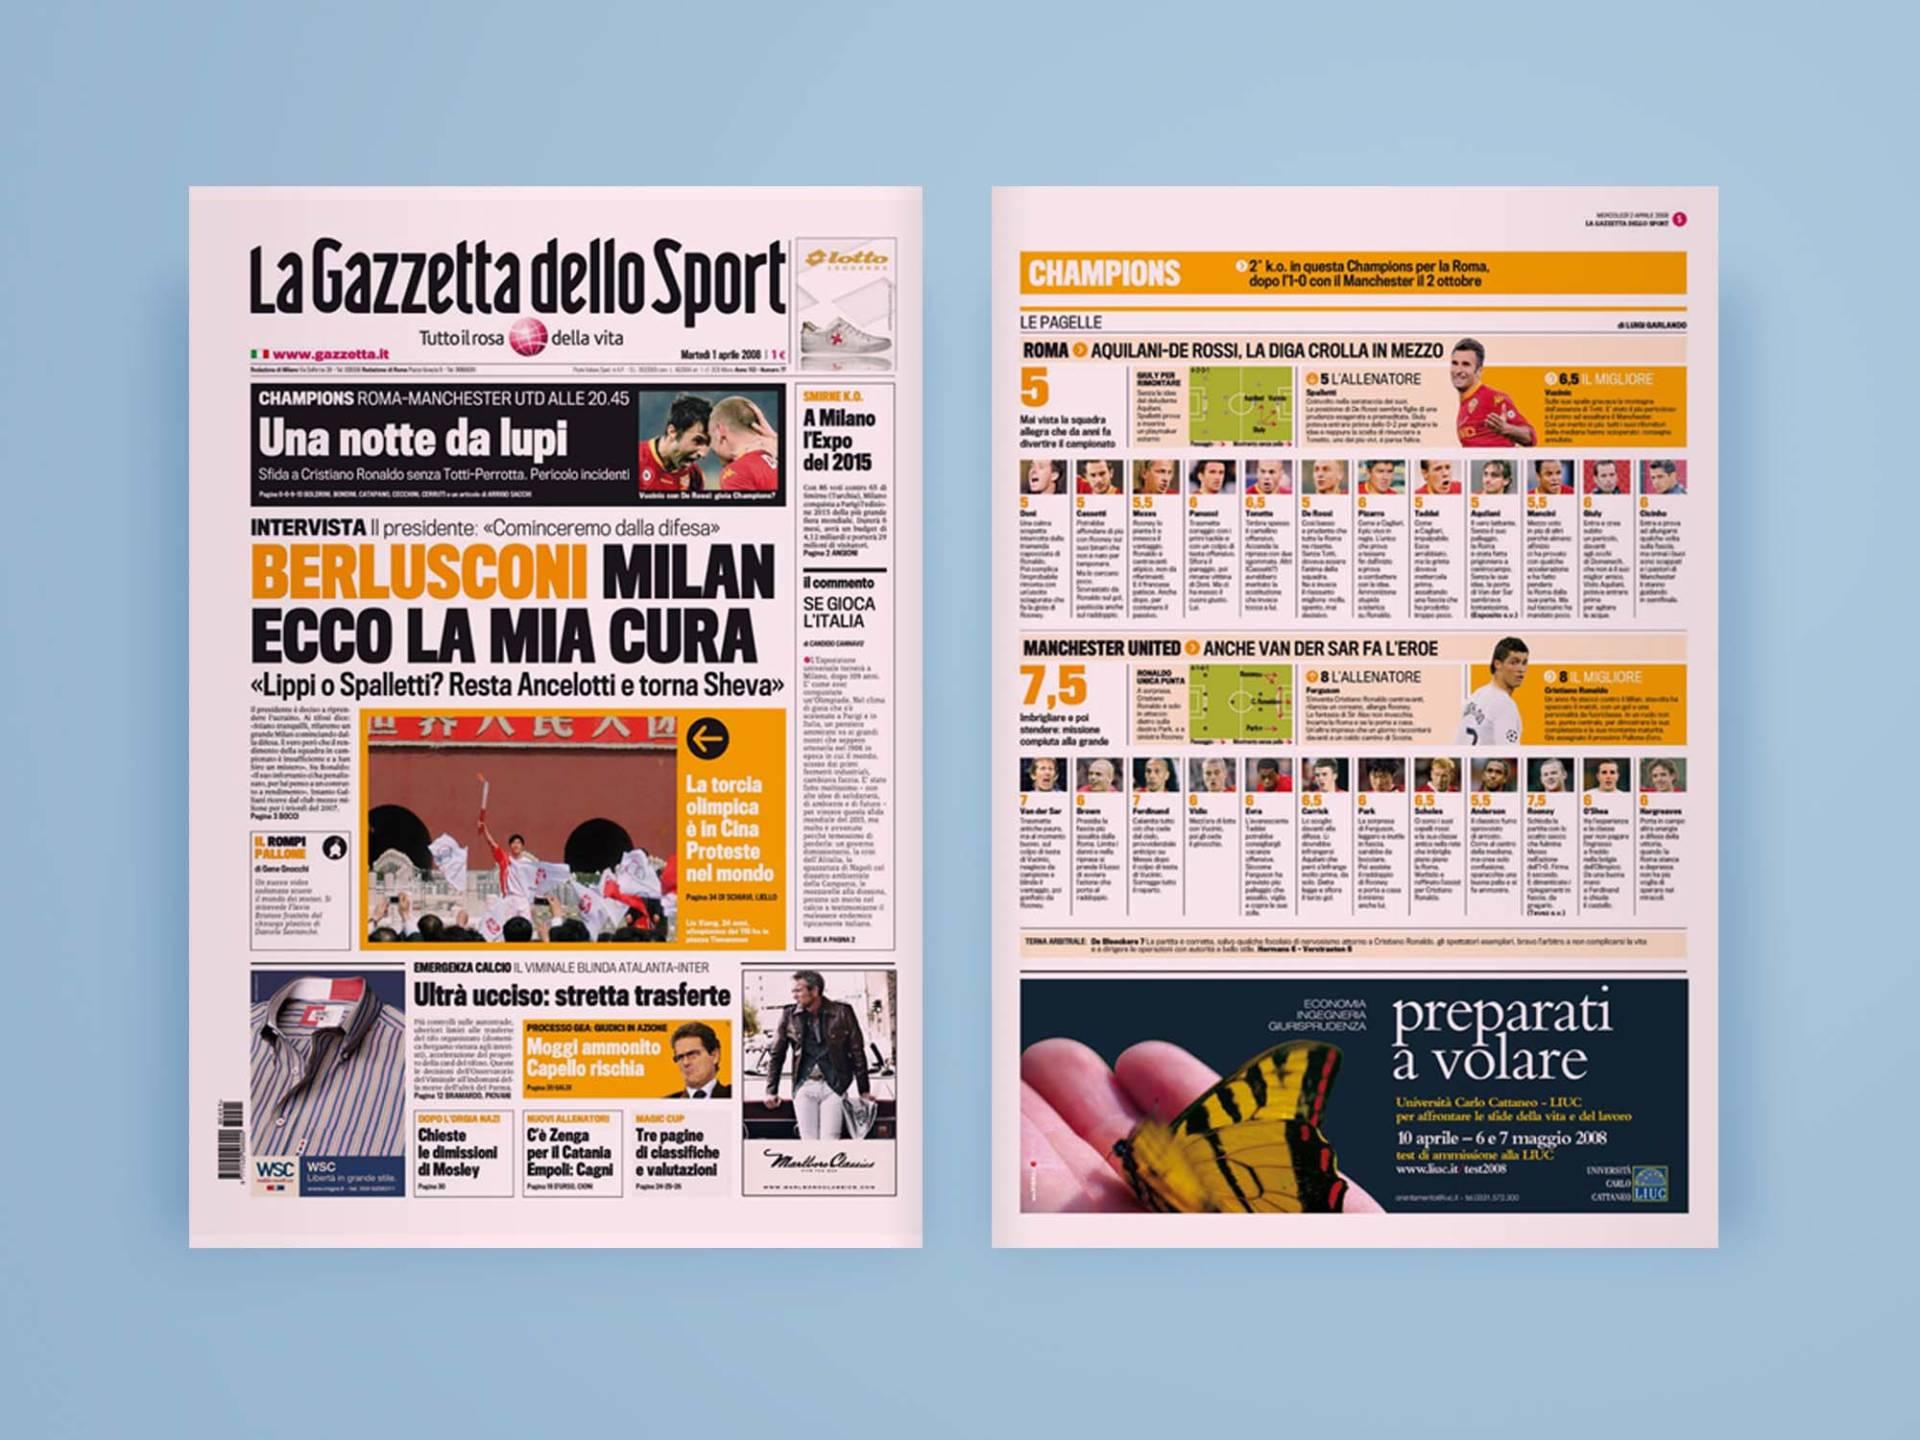 La_Gazzetta_Dello_Sport_04_Wenceslau_News_Design